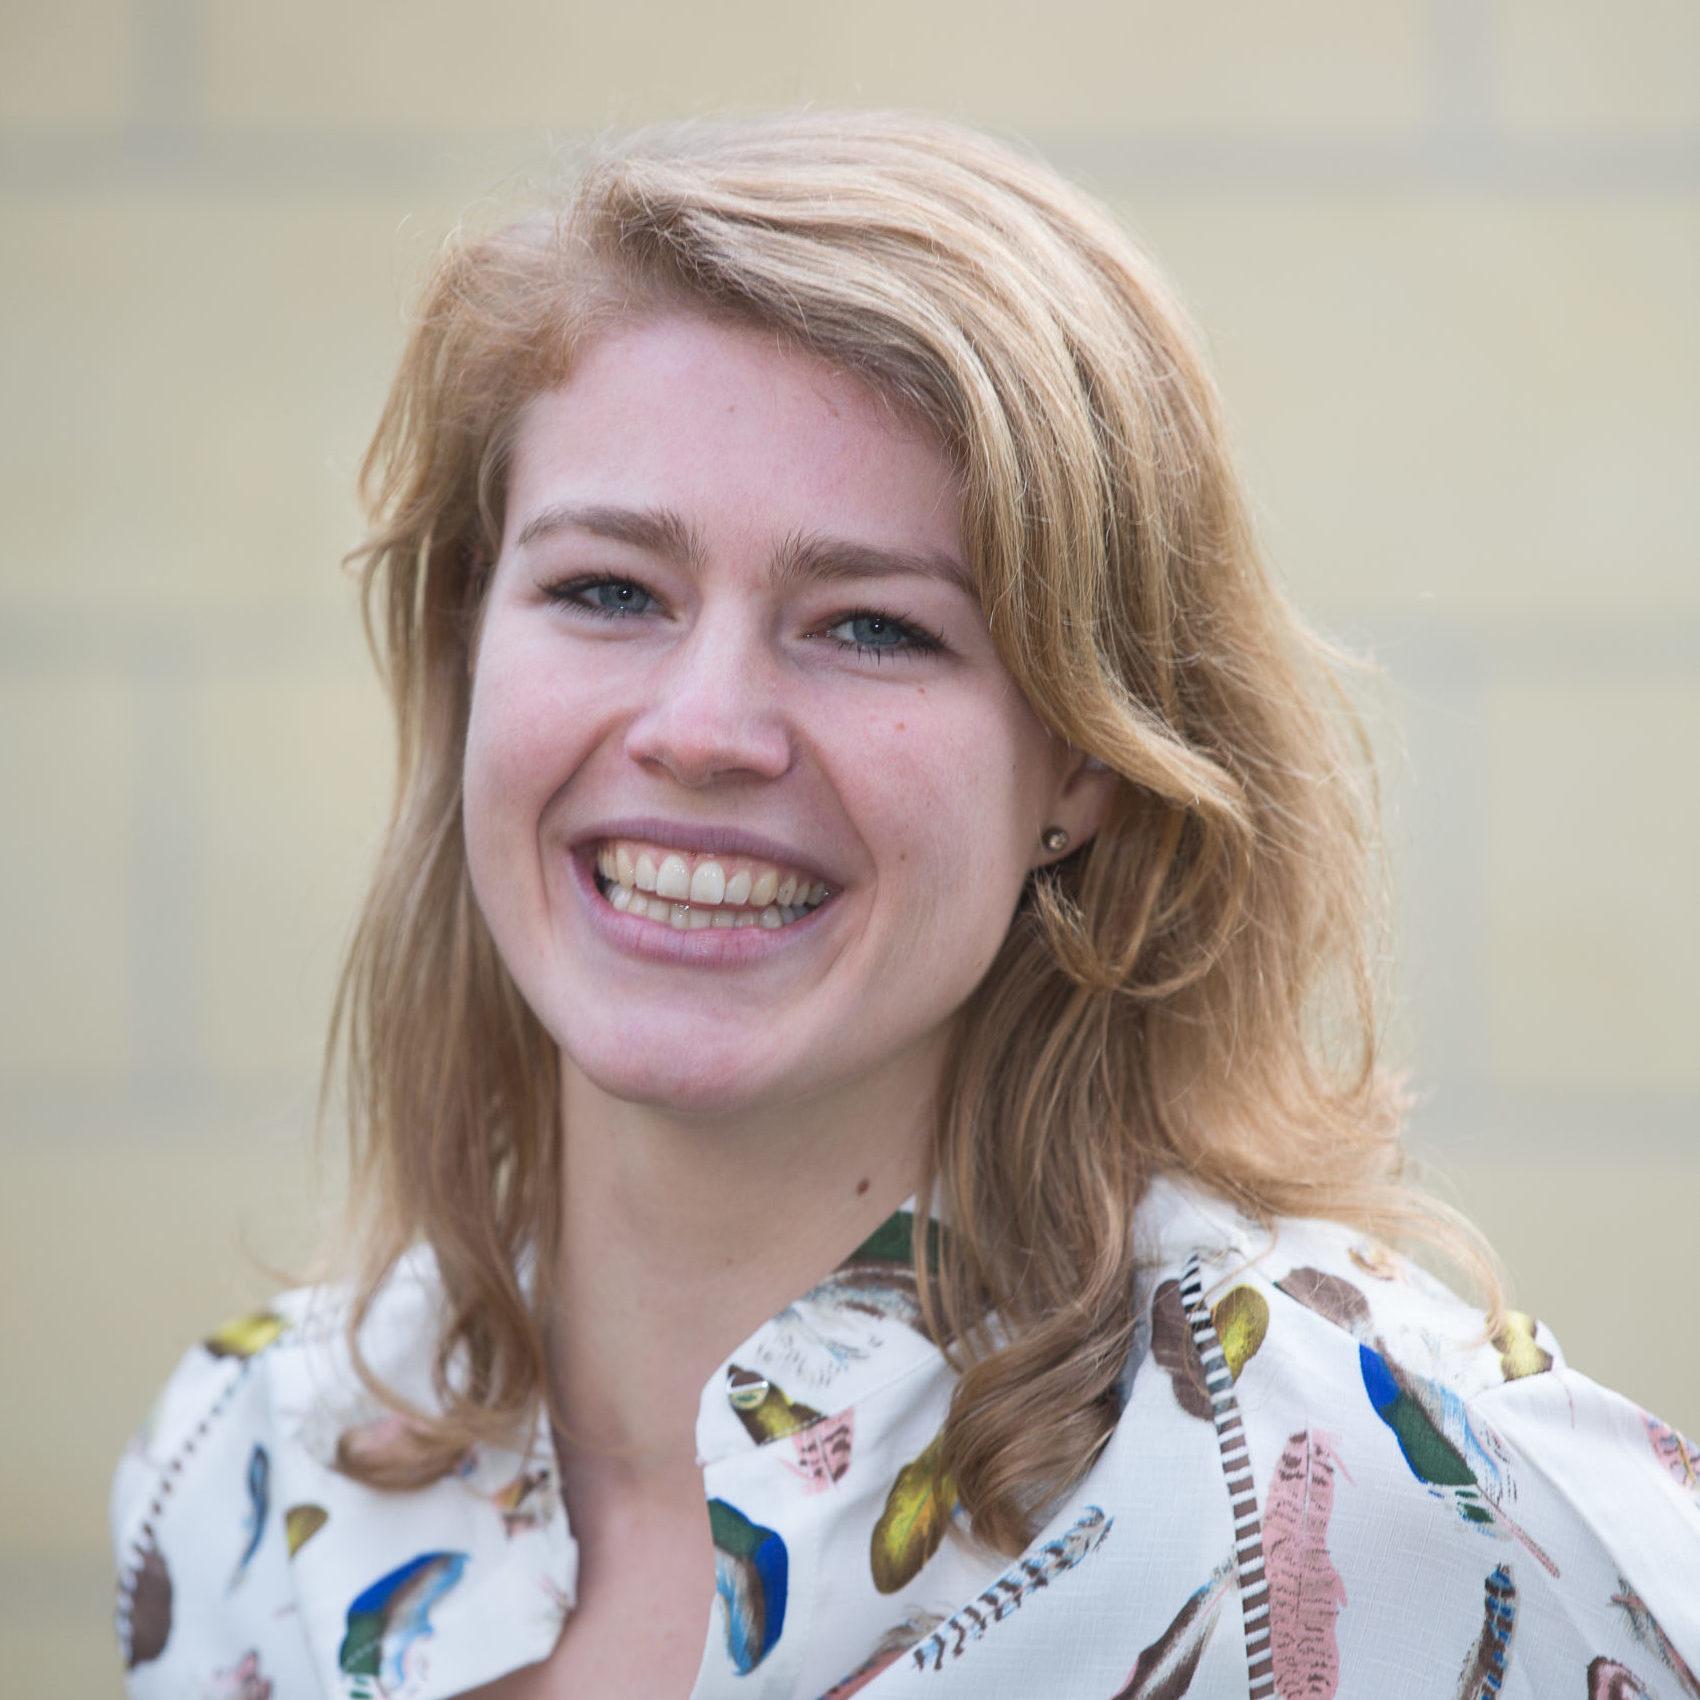 Laura Doornekamp